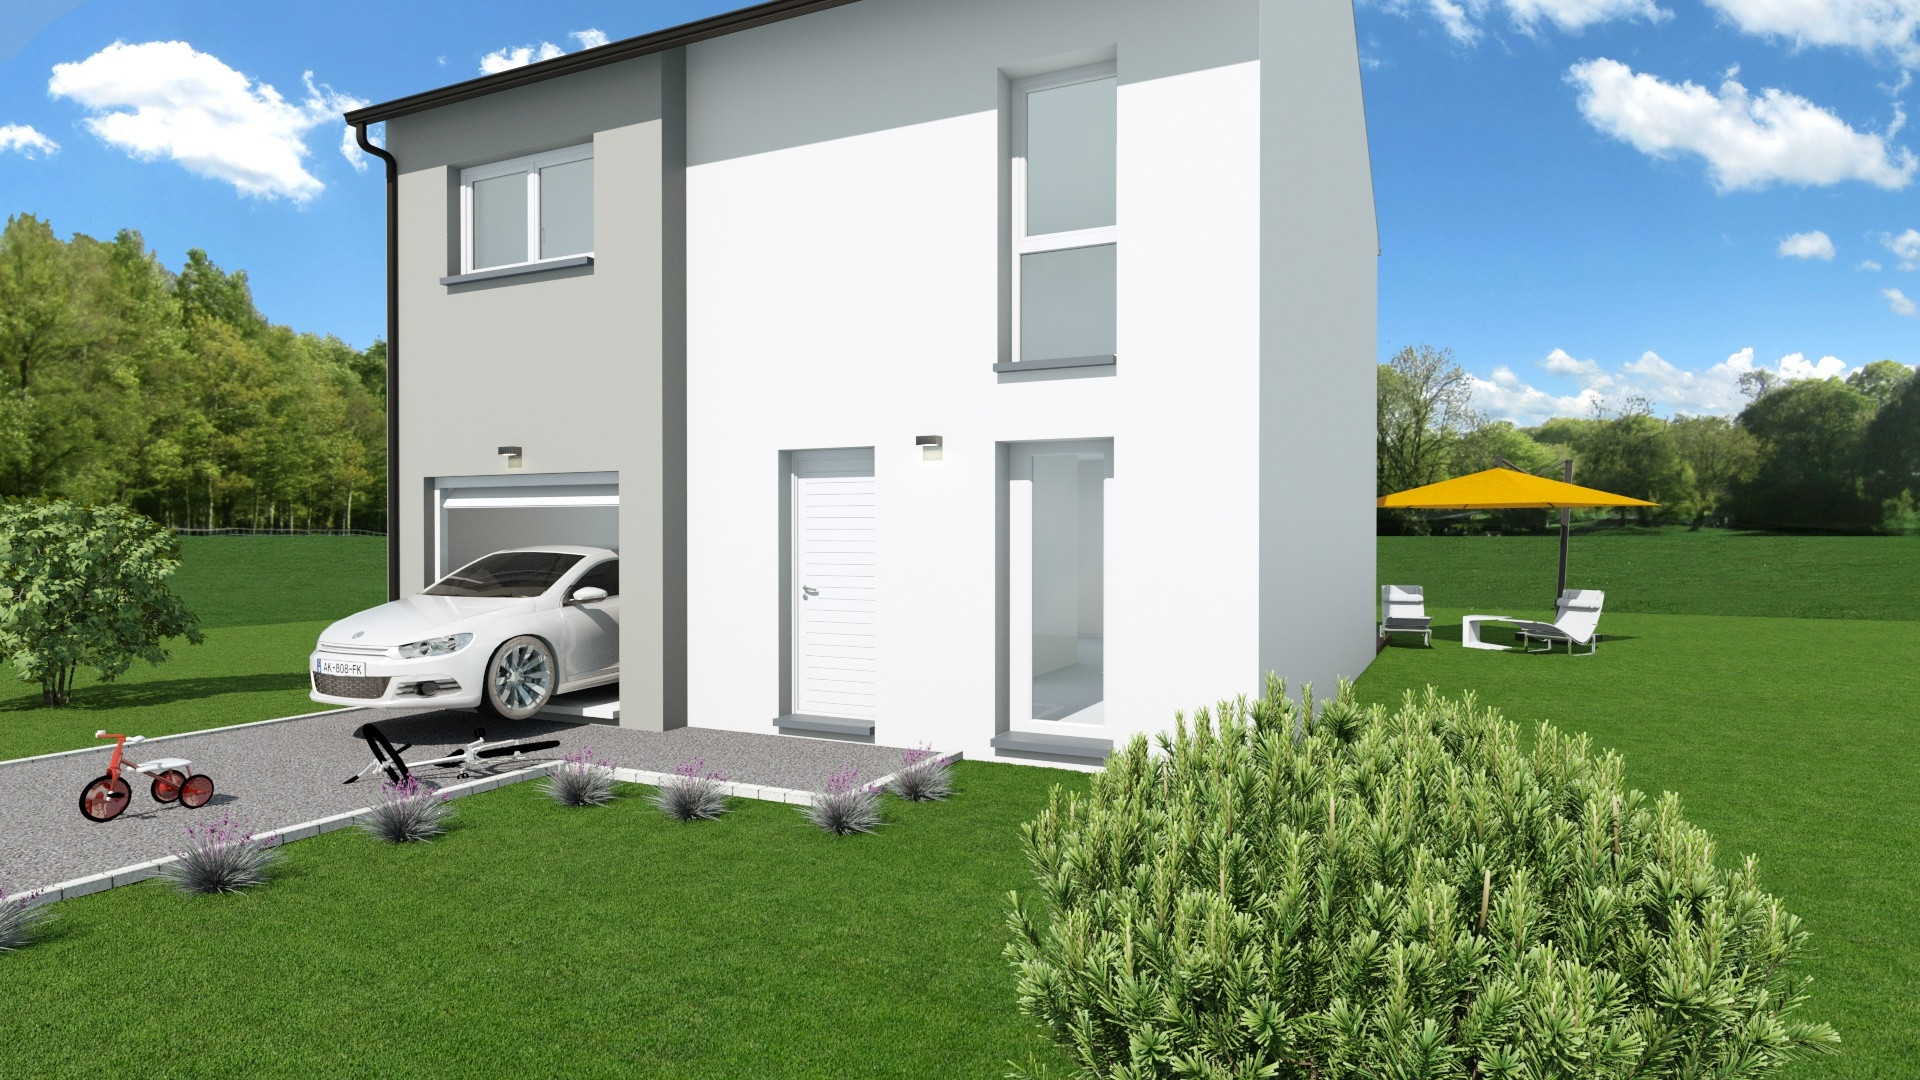 Maisons + Terrains du constructeur MAISON EUREKA • 90 m² • WAVRIN